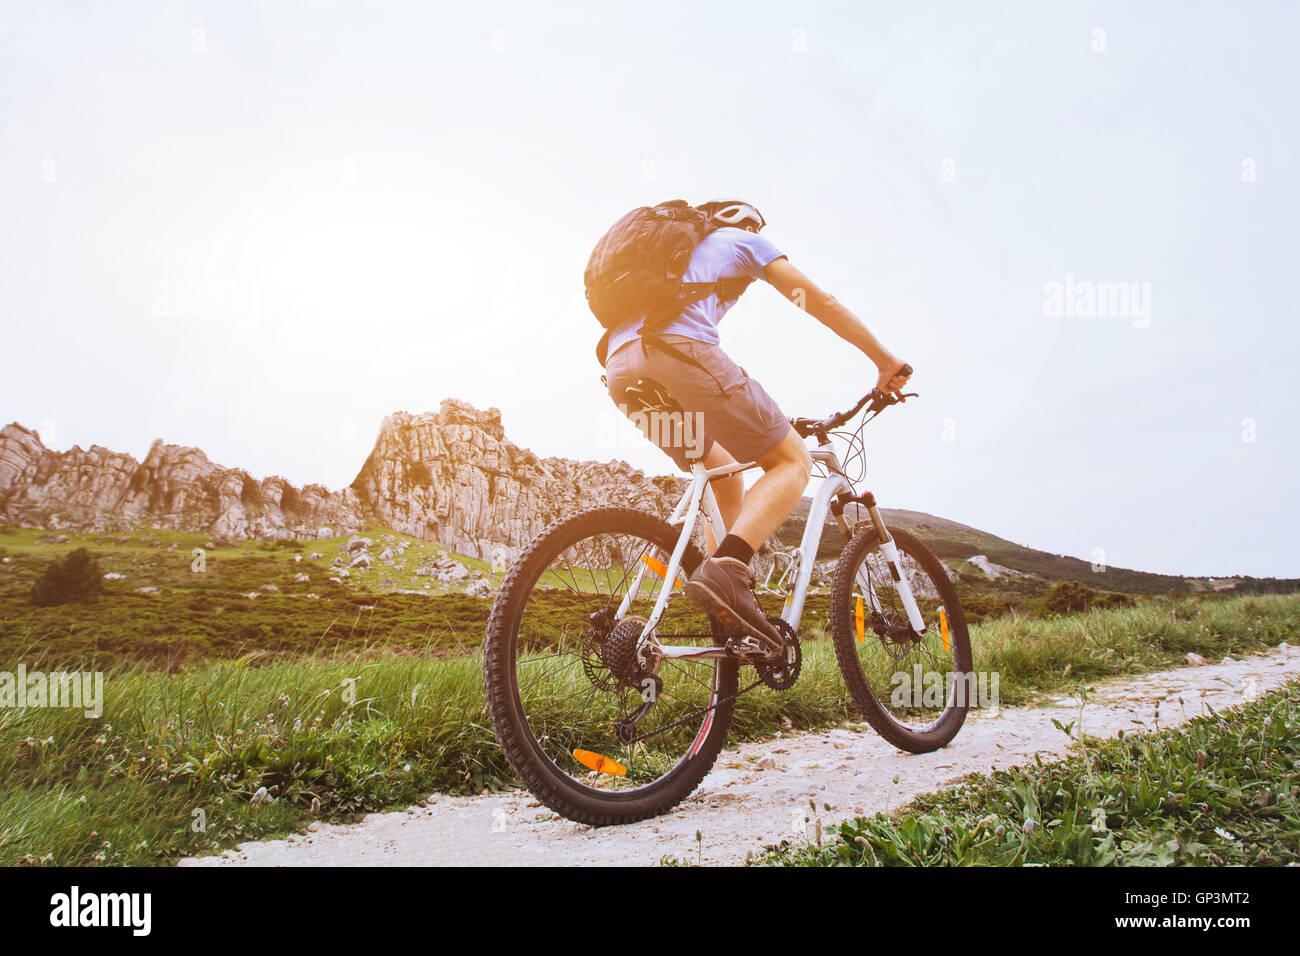 Mountain bike, Escursioni in bicicletta al di fuori, sport estremi Immagini Stock